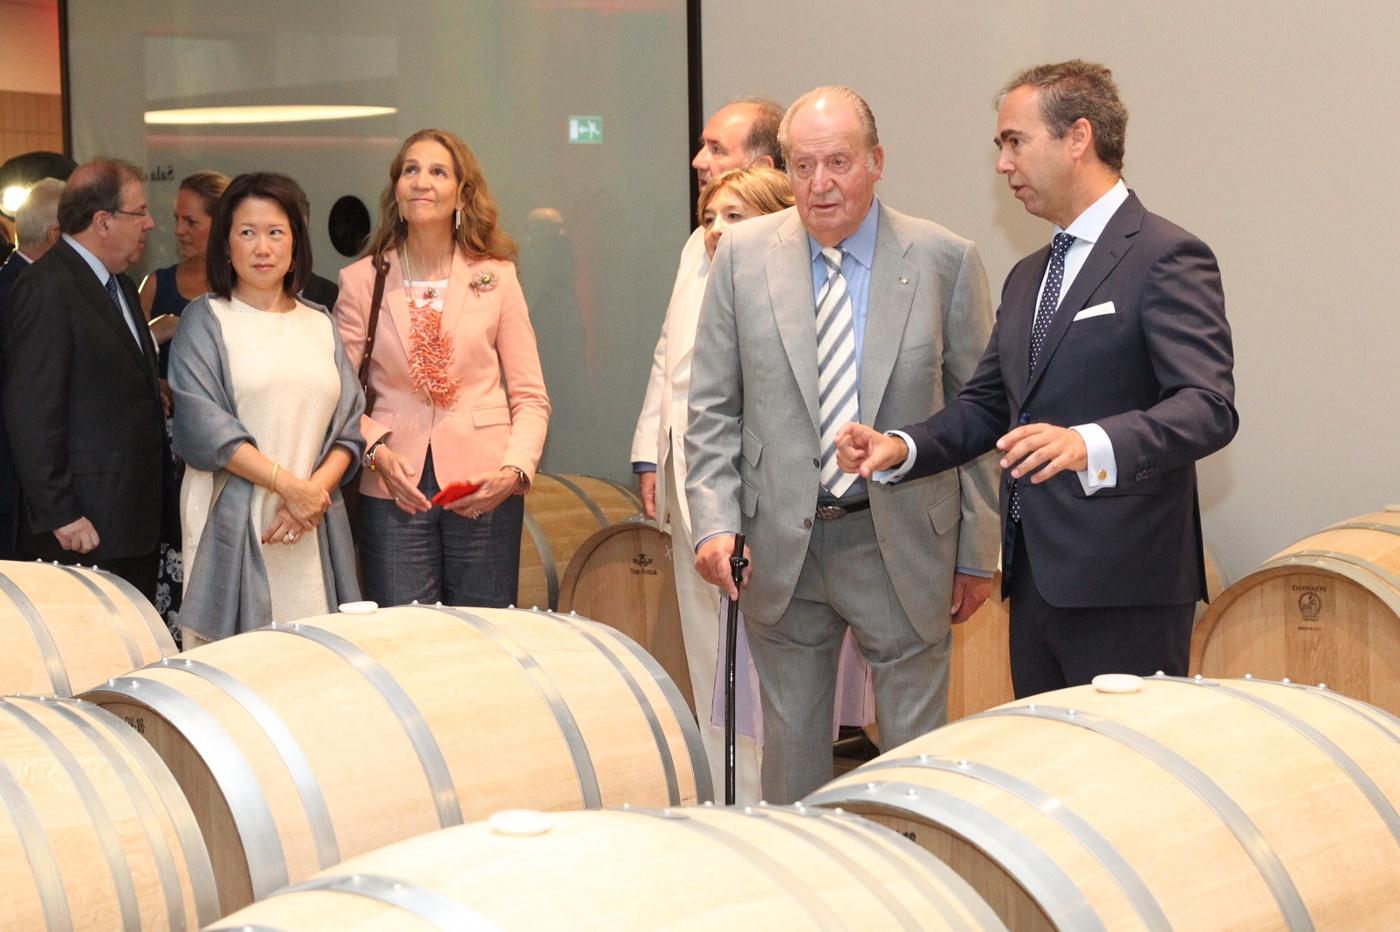 Король Хуан Карлос посетил открытие новой винодельни Ротшильдов